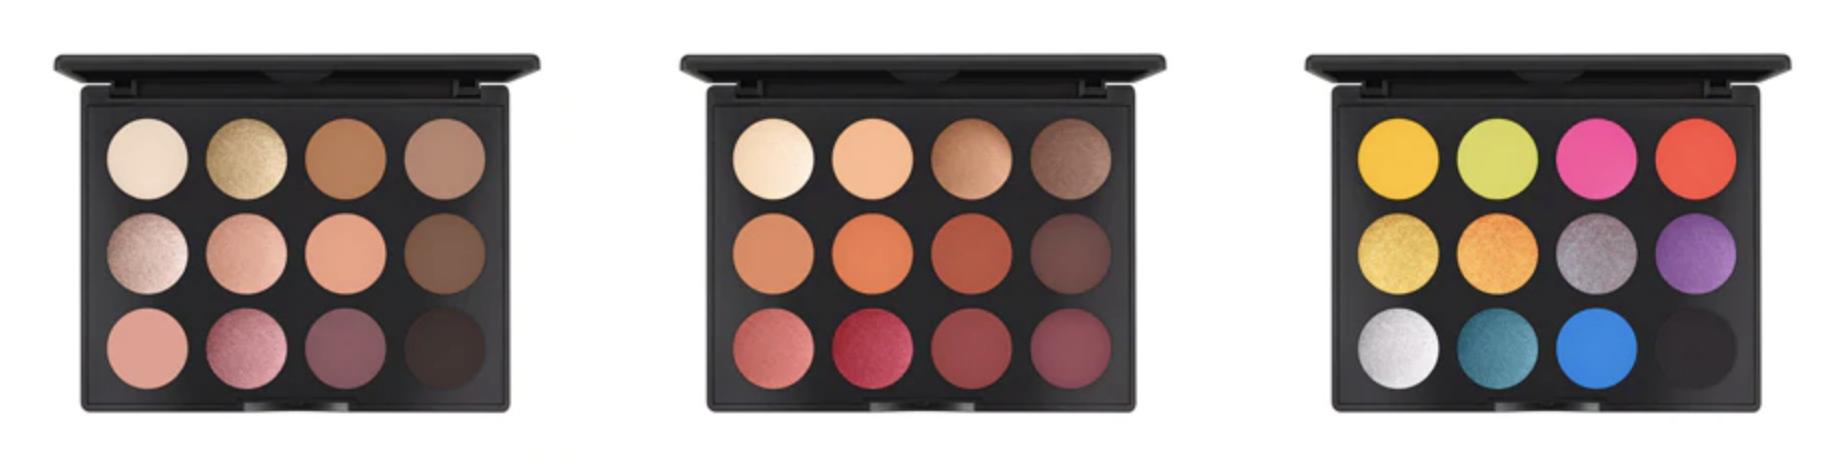 Mac-cosmetics-maccosmetics-artlibary-art-libary-vienna-austria-lidschatten-eyeshadow-palette-highend-high-end-1